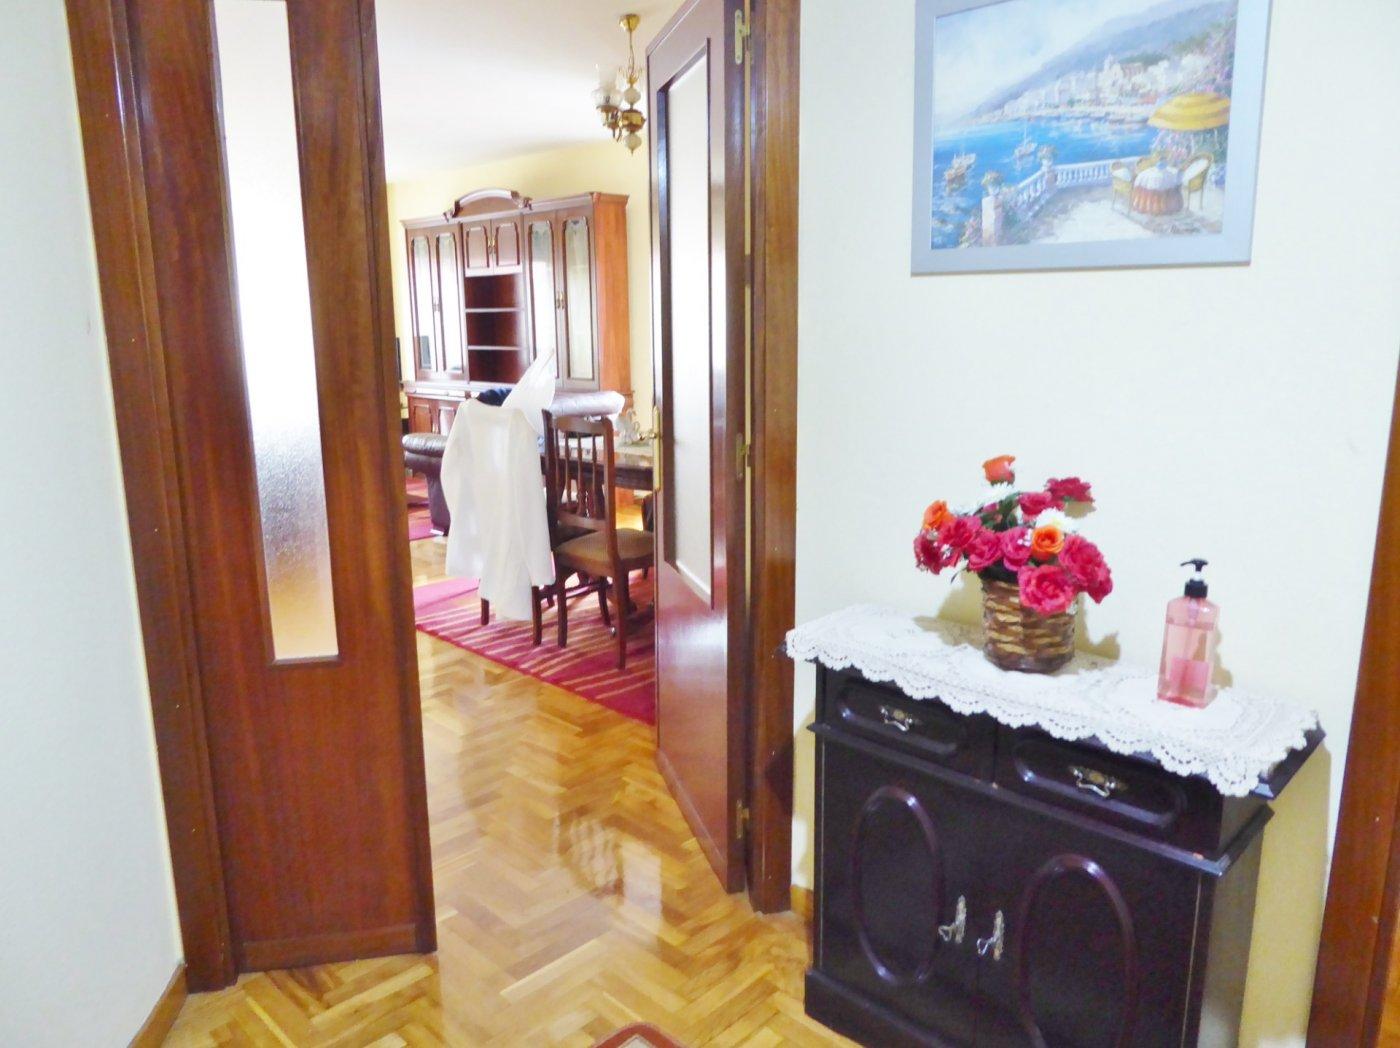 Alquiler de piso en gijon - imagenInmueble26